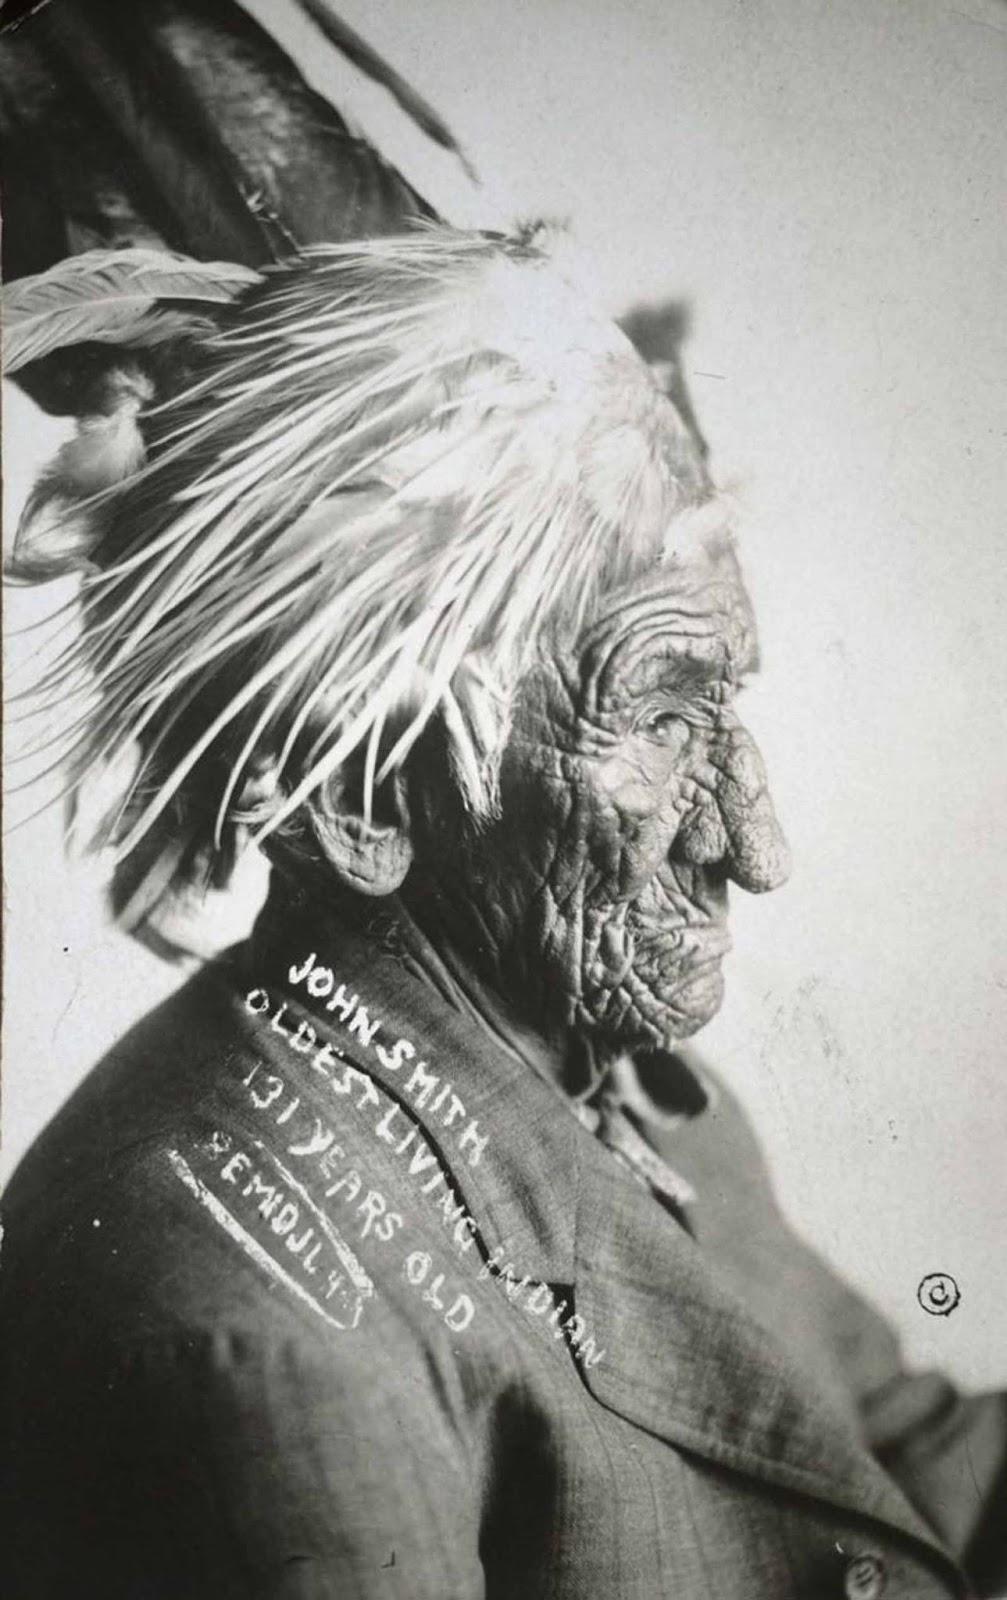 chief john smith 2 - Possivelmente estes senhores foram - A pessoa mais velha do mundo